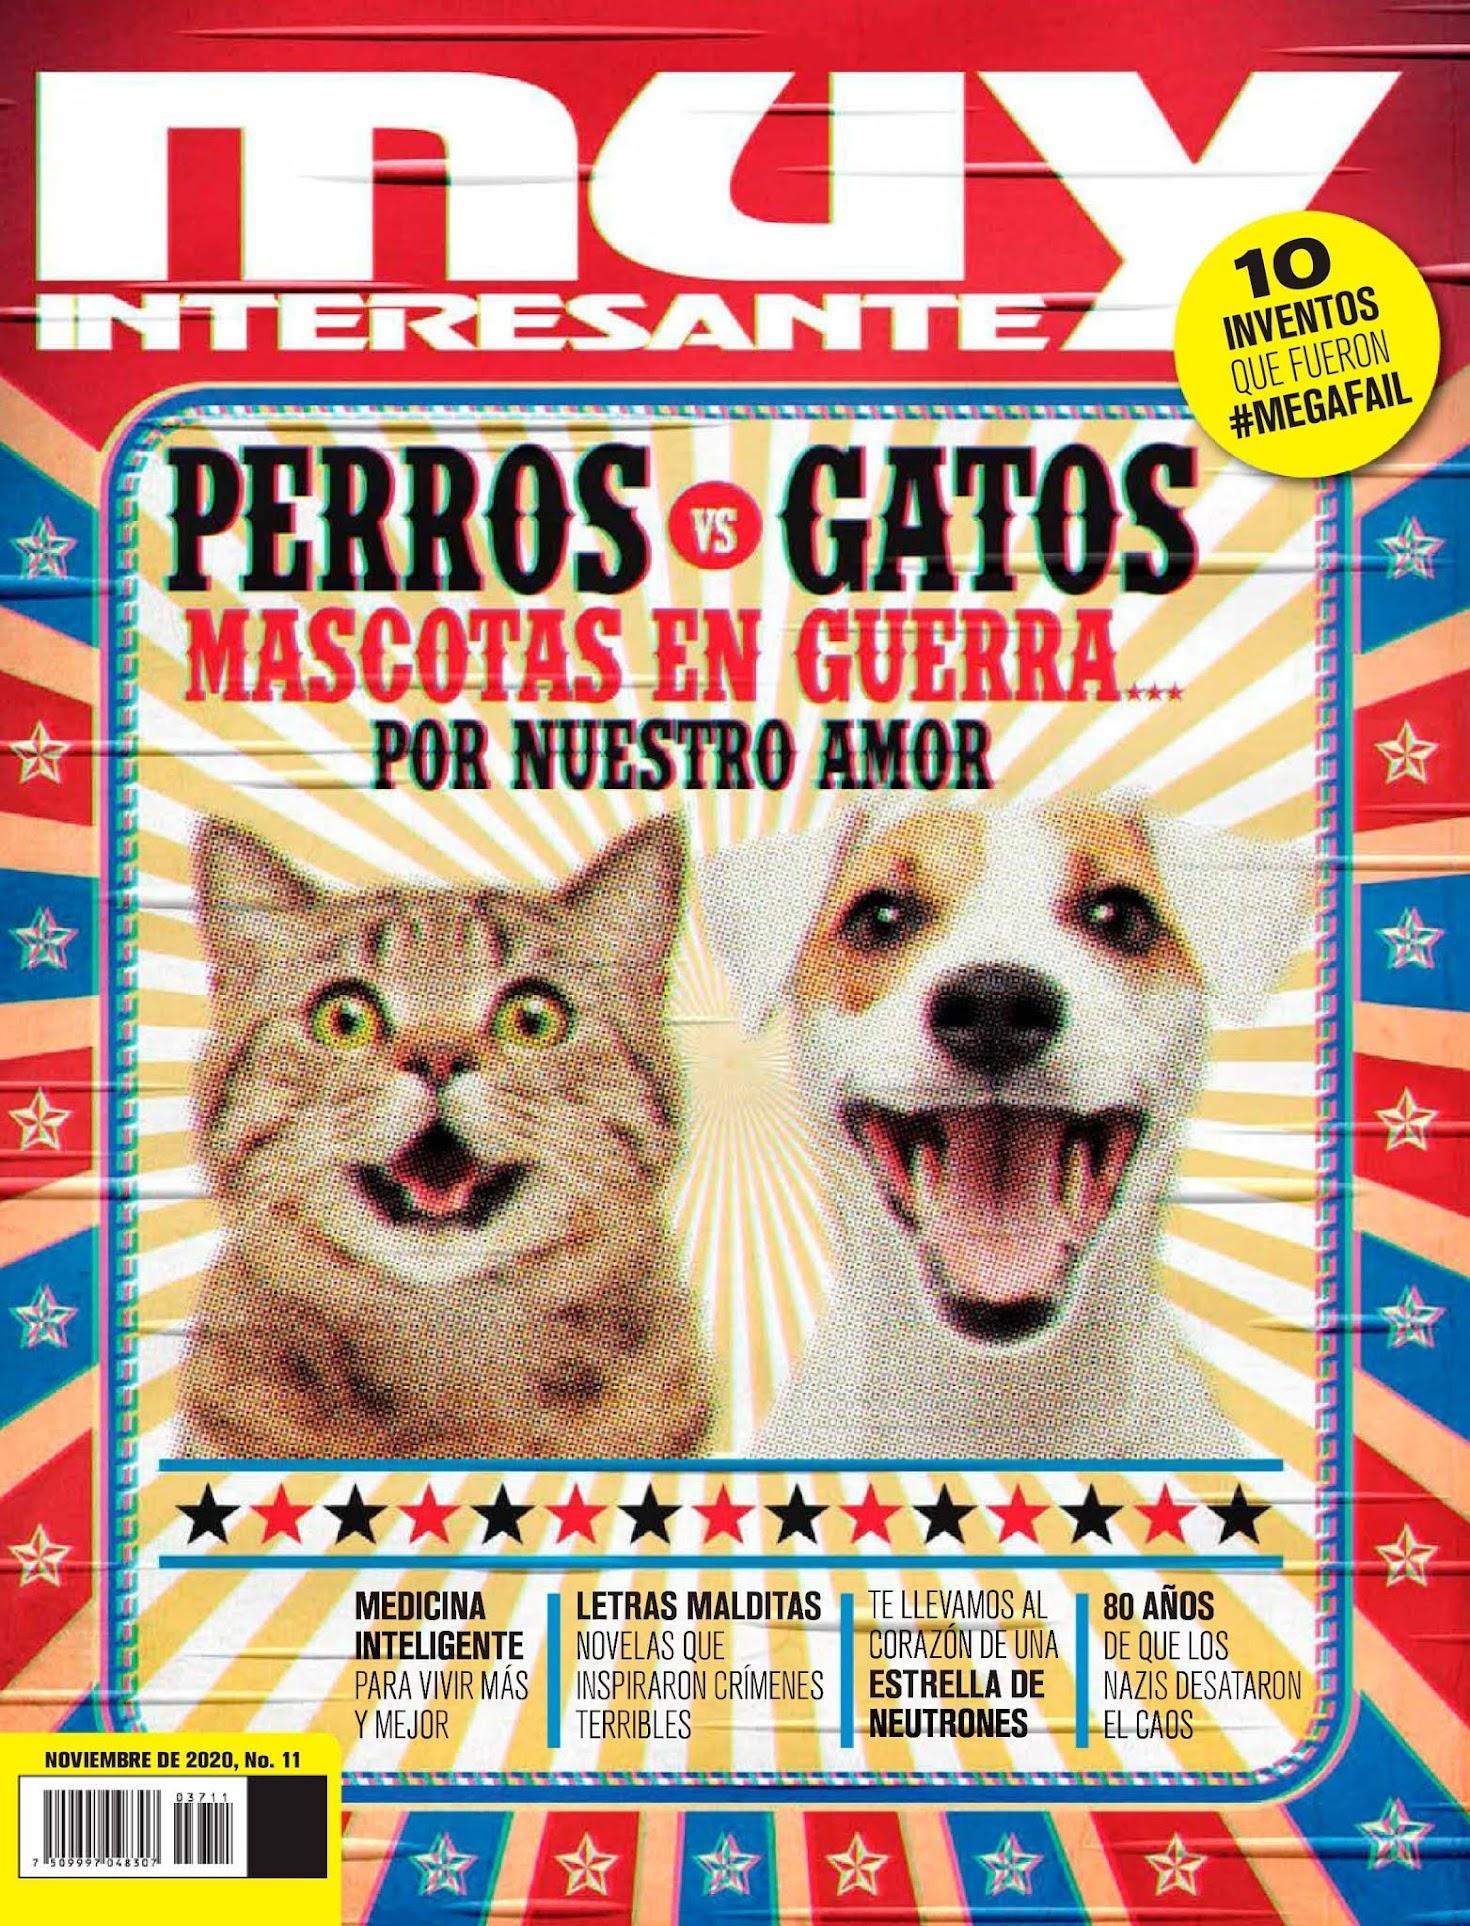 ARTICULO MUY INTERESANTE PERROS VS GATOS